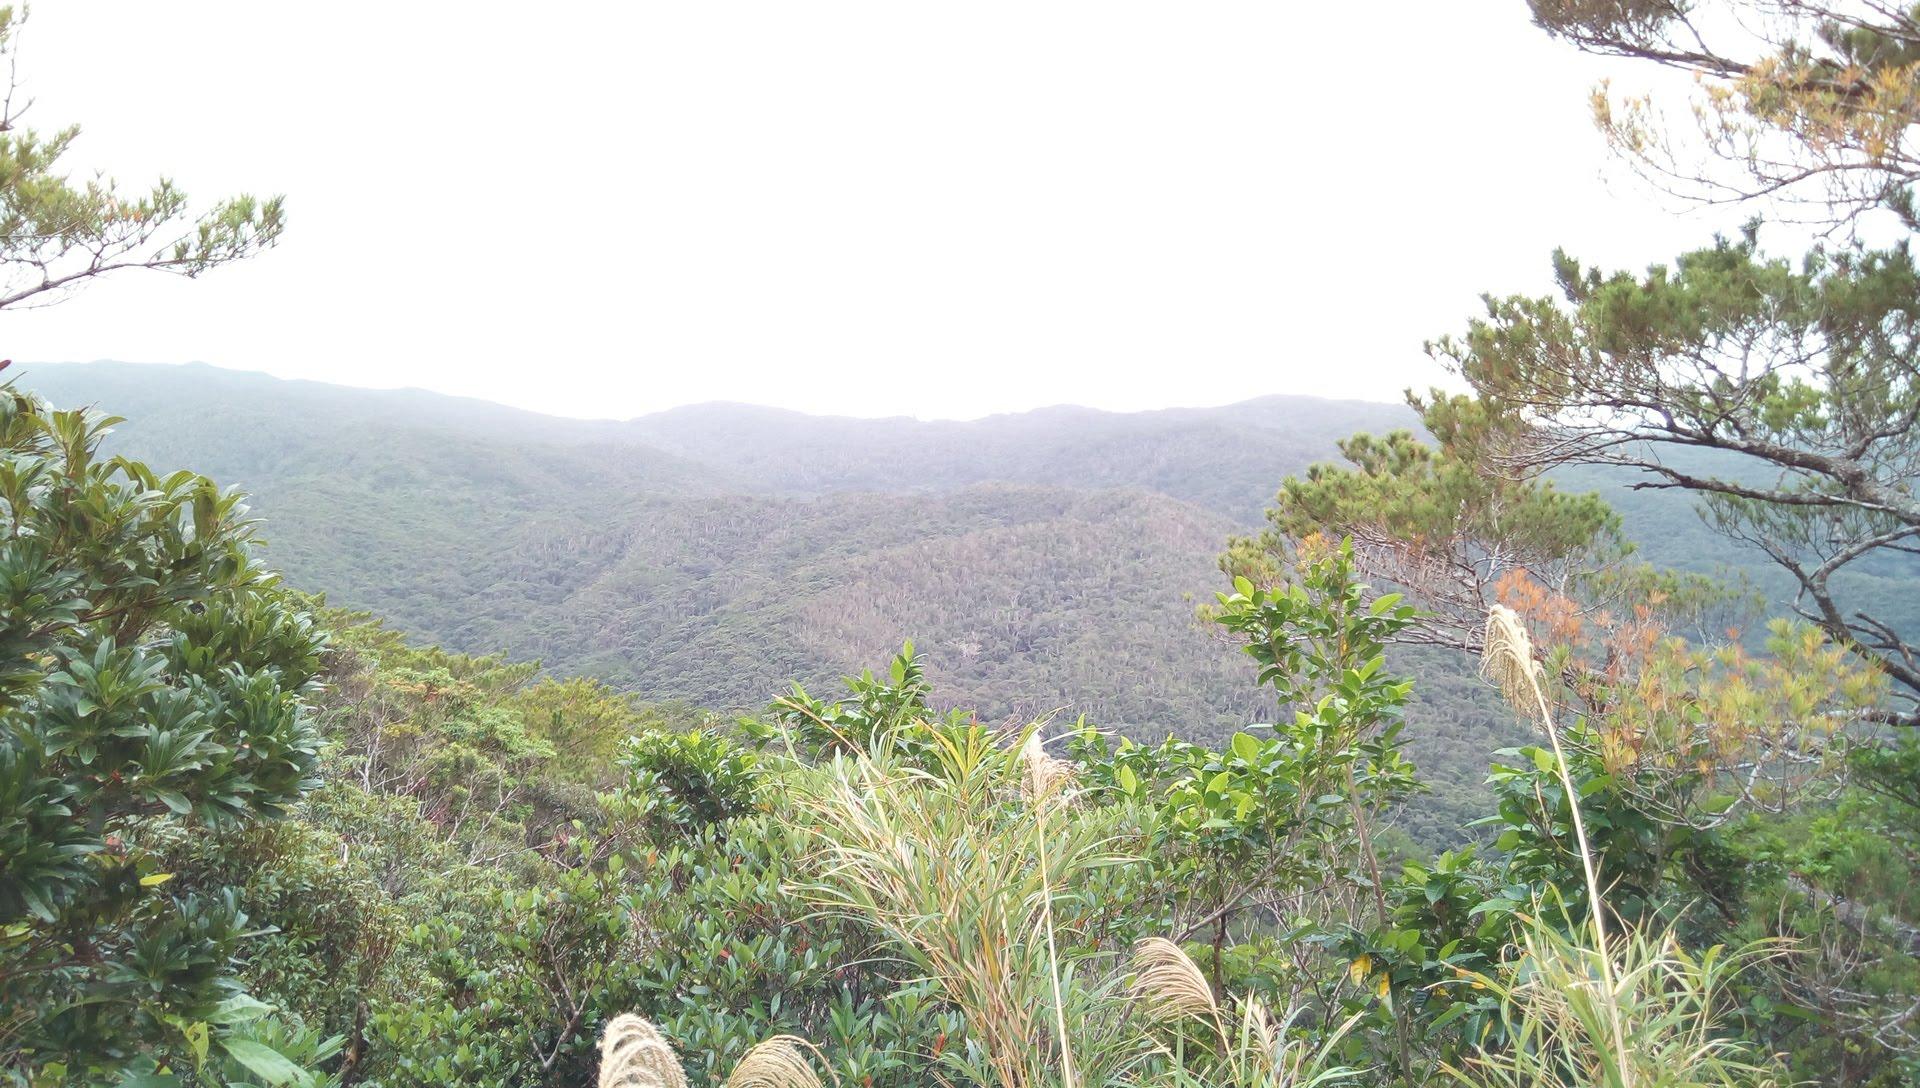 国頭トレイルウォークで見かけたやんばるの森の風景 5